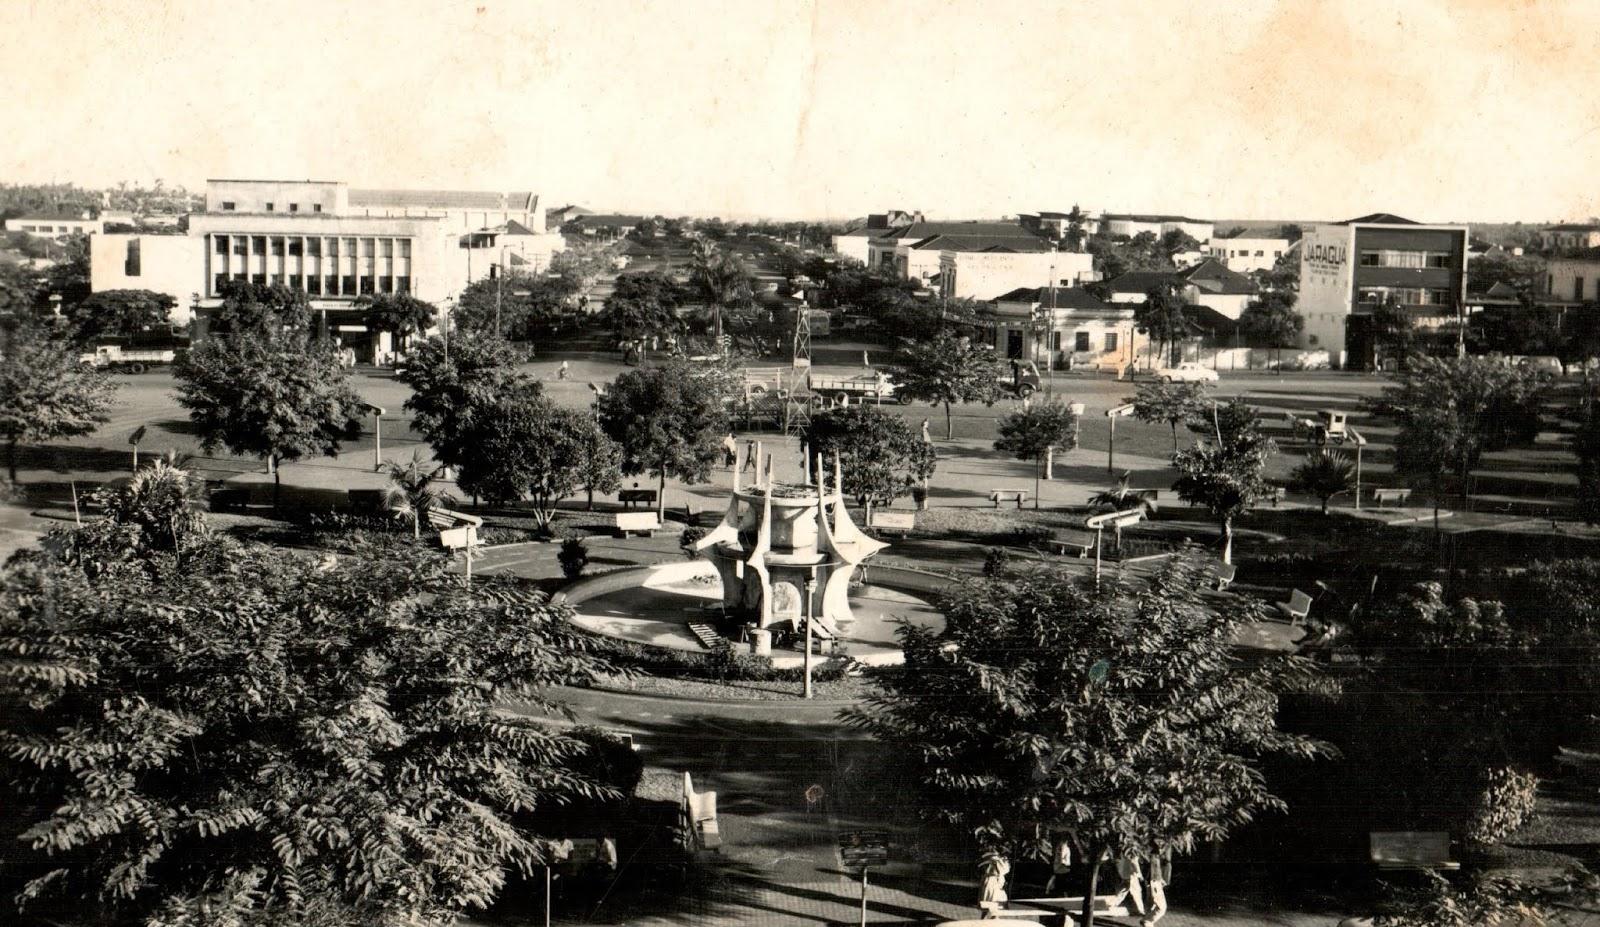 Praça Raposo Tavares - Início dos anos 1960